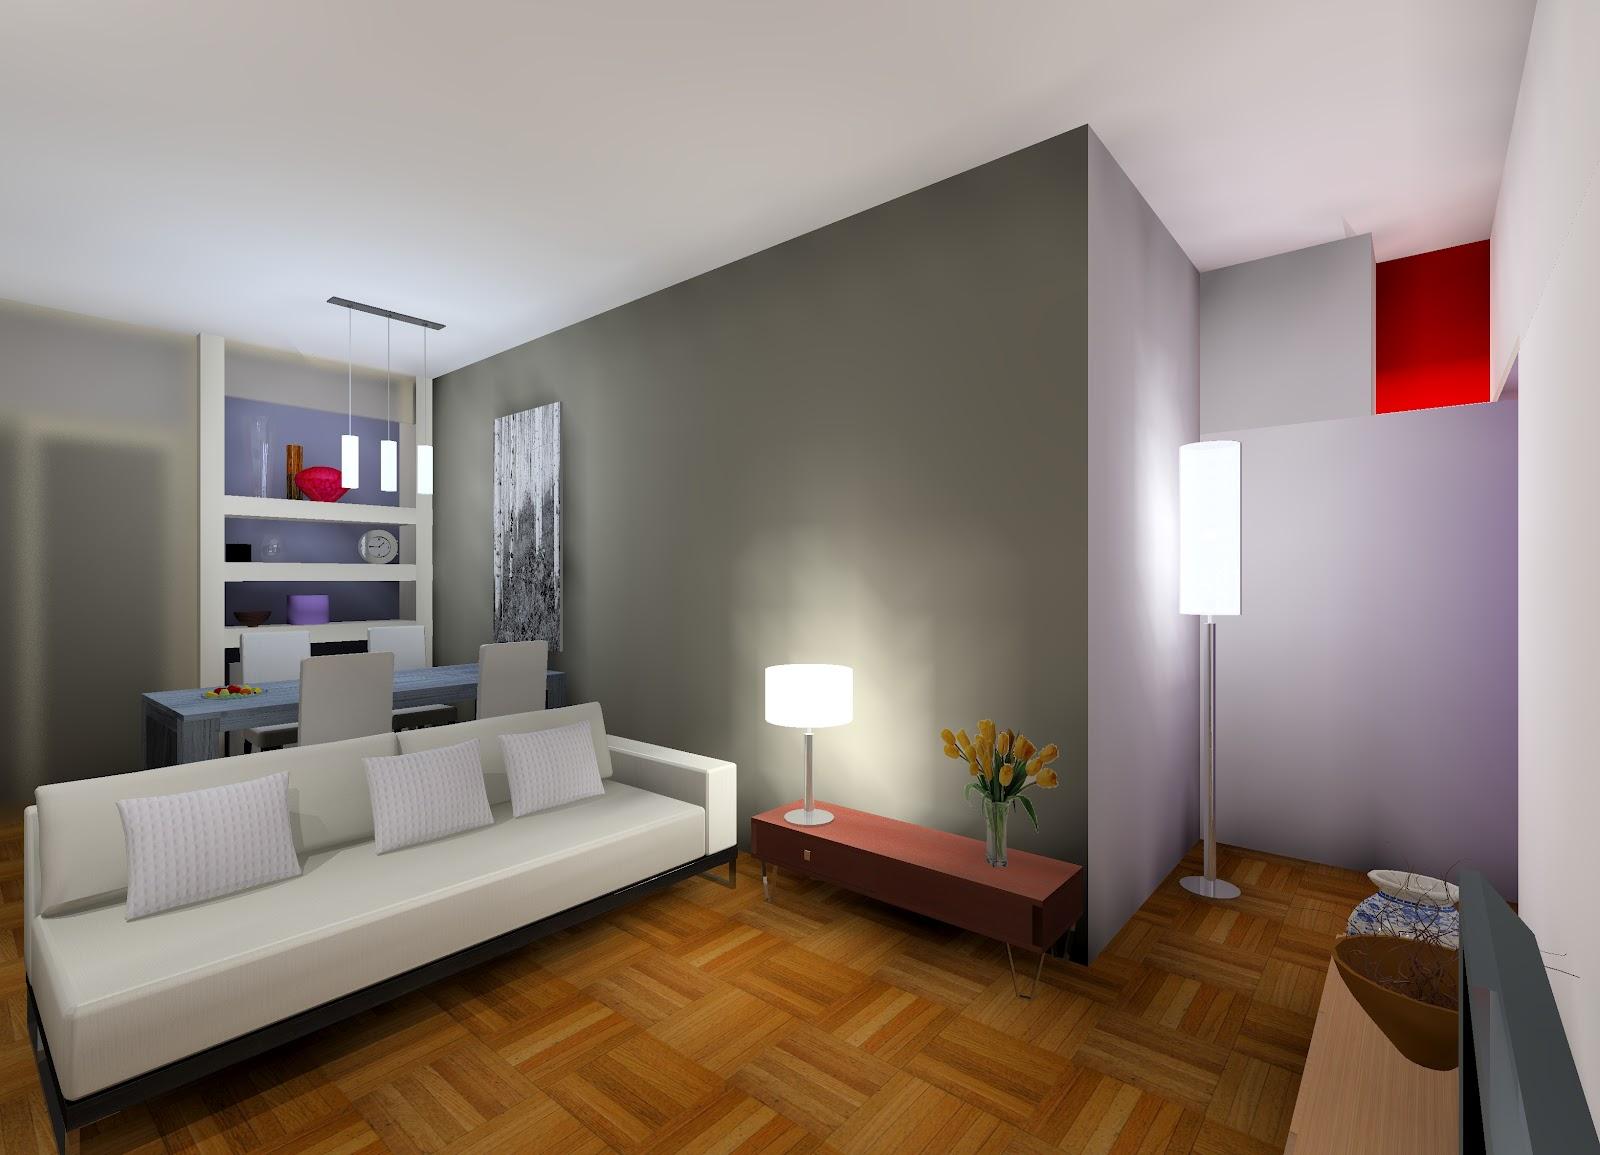 Soggiorno classico cartongesso mensole cartongesso sopra divano